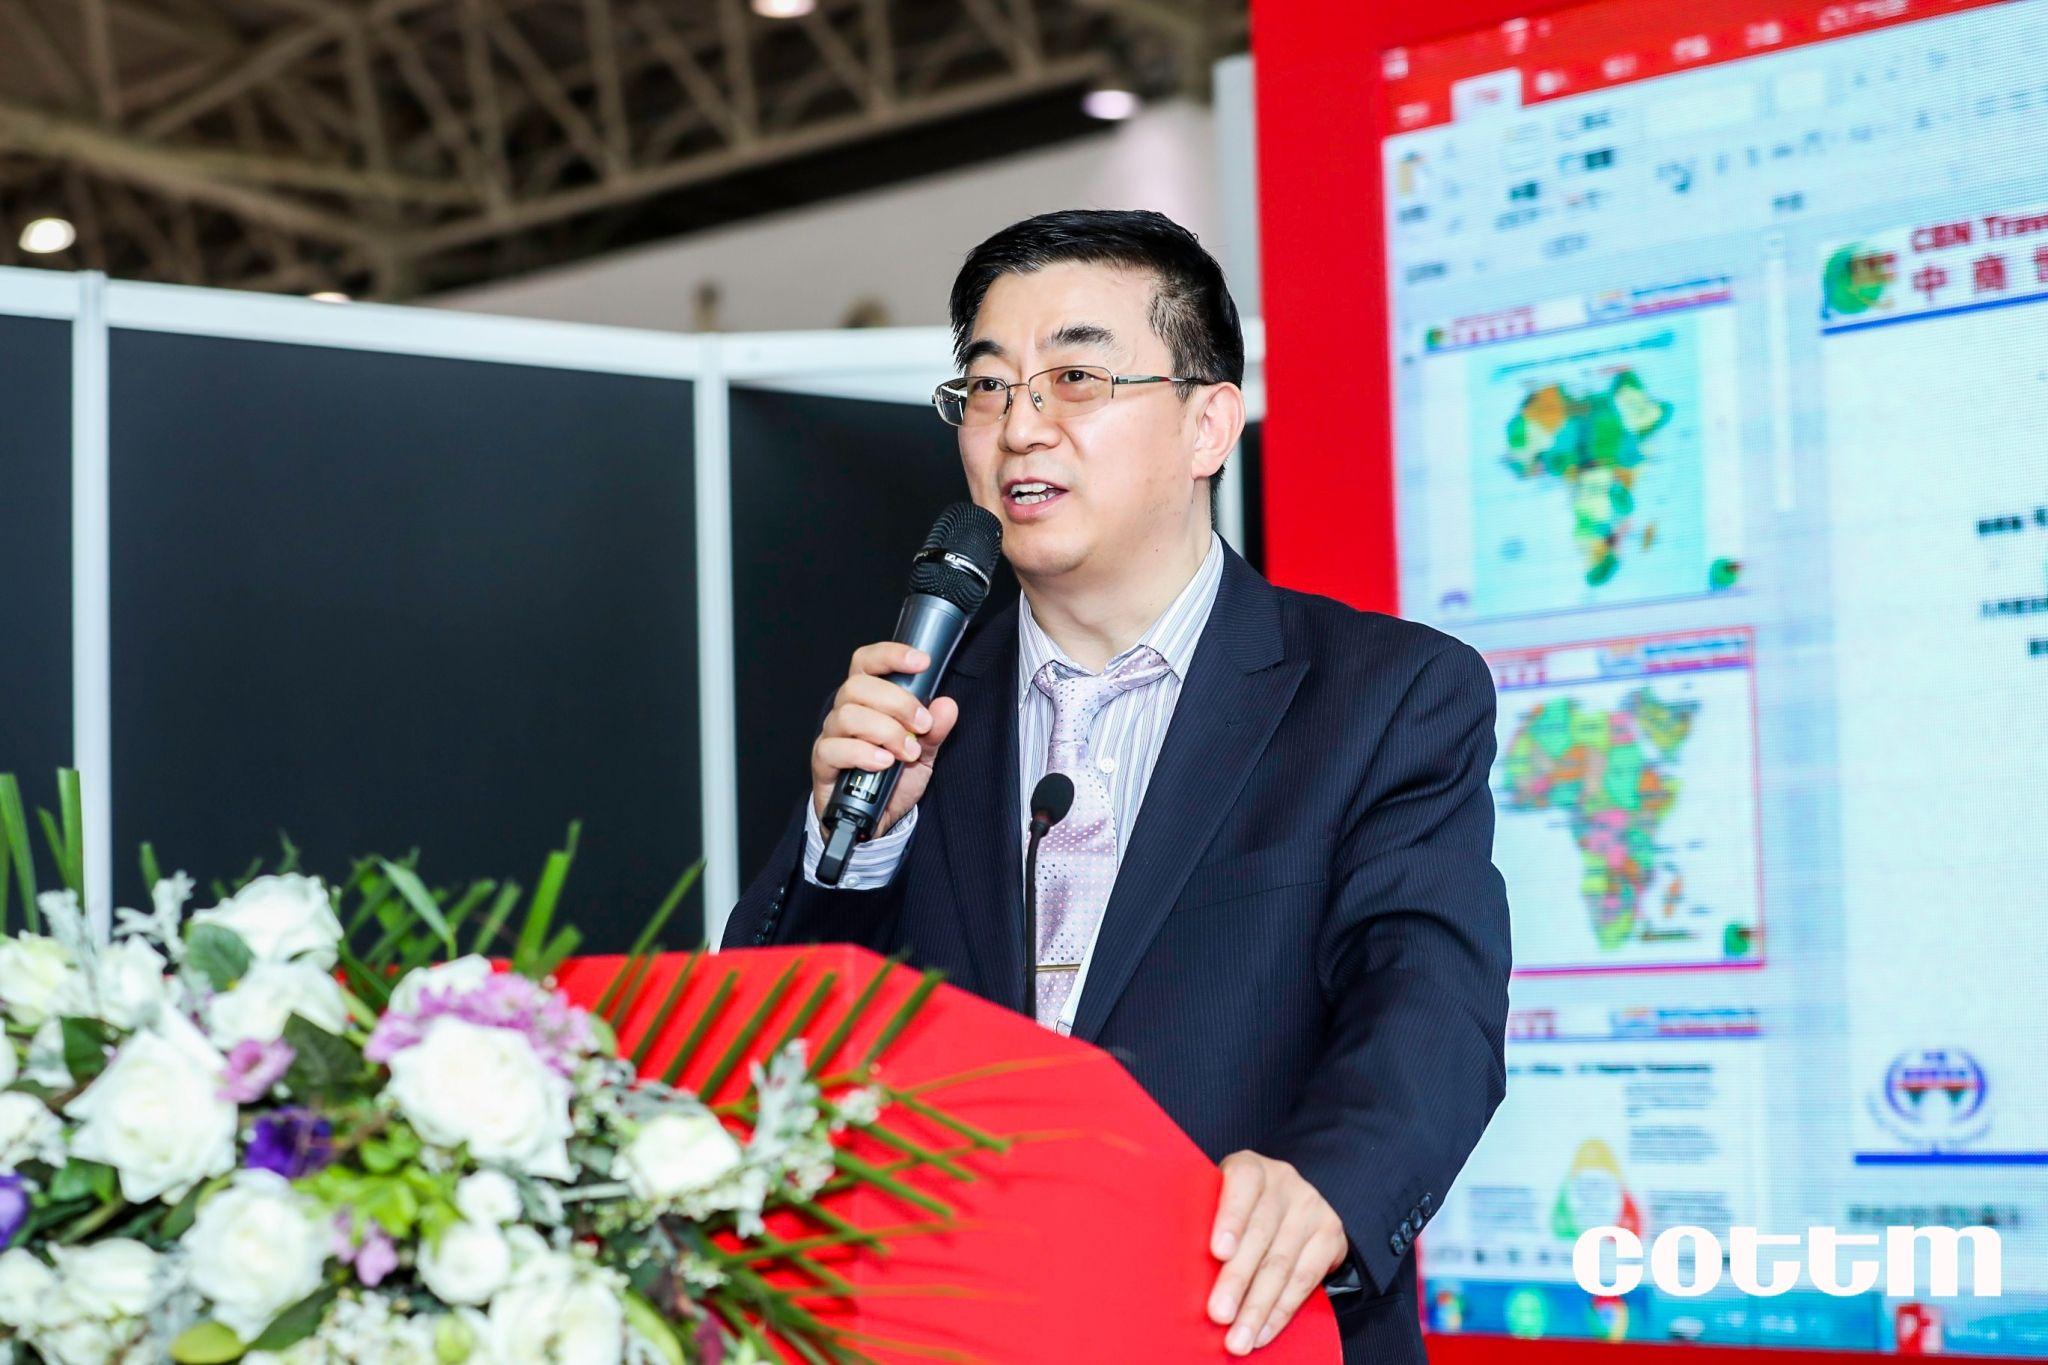 中商世界游和世界游网首席执行官吴亚当博士